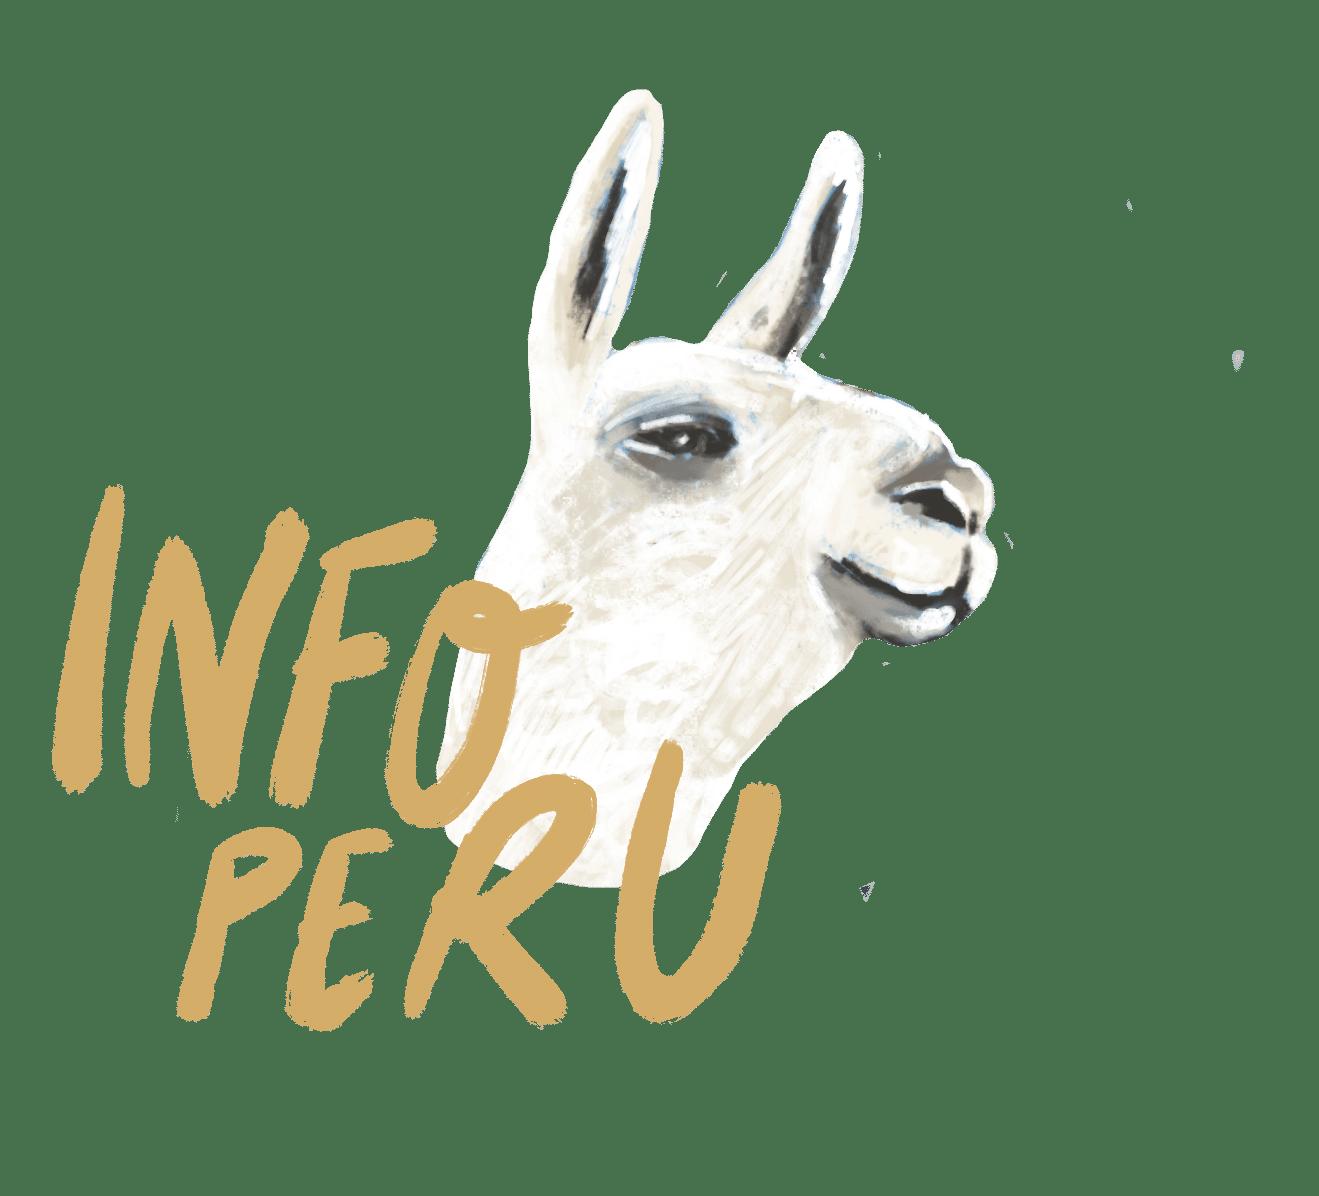 Info-Peru